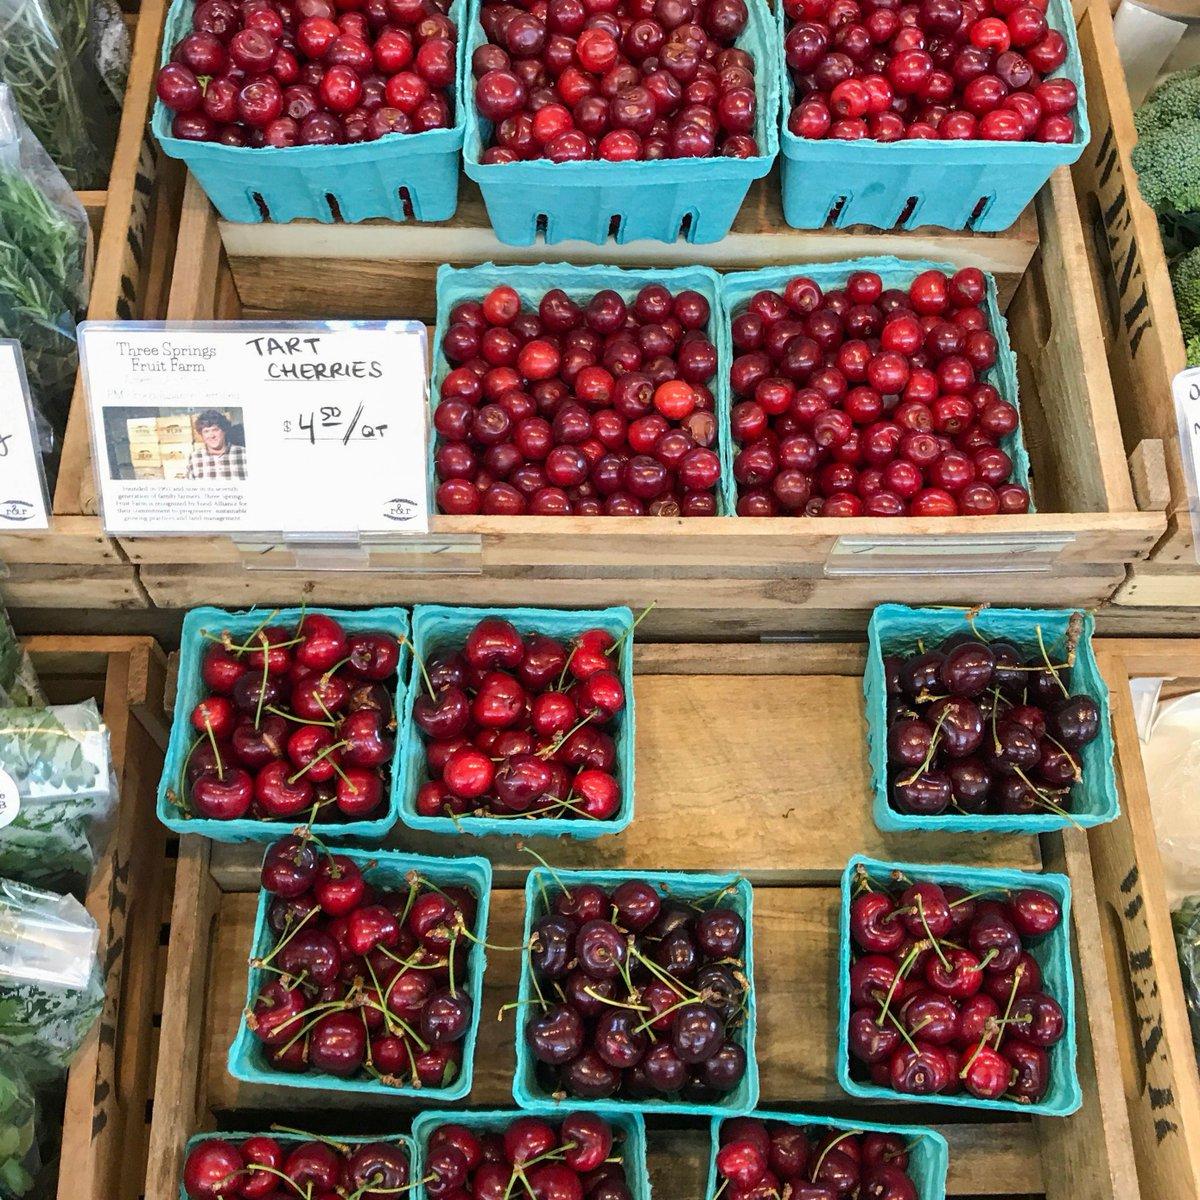 3 Springs Fruit Farm (@3springsfruit) | Twitter